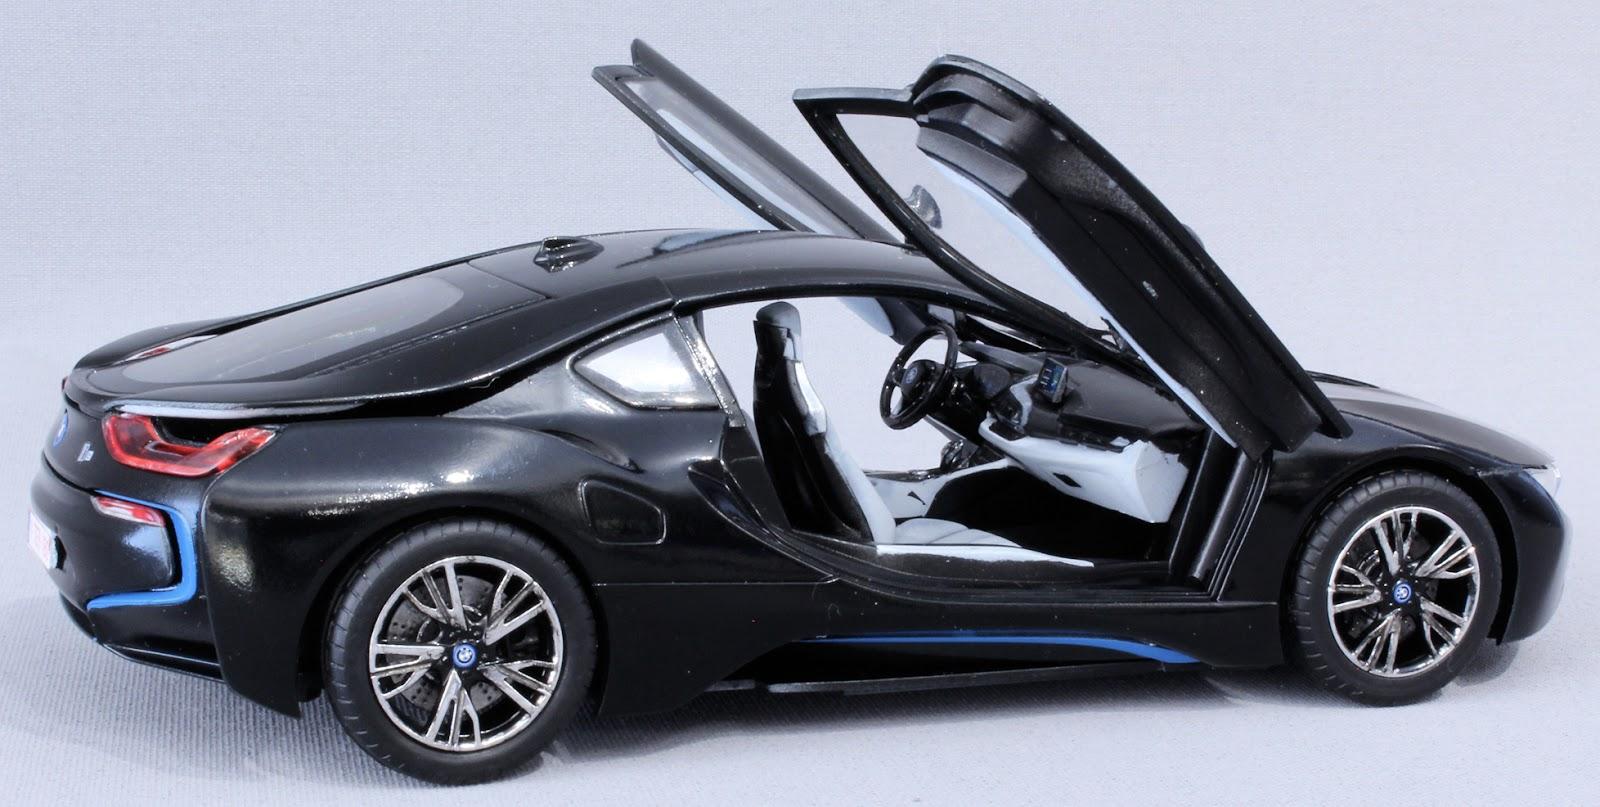 The Modelling News Guillaume Models Bmw S Super Hybrid Revell S 1